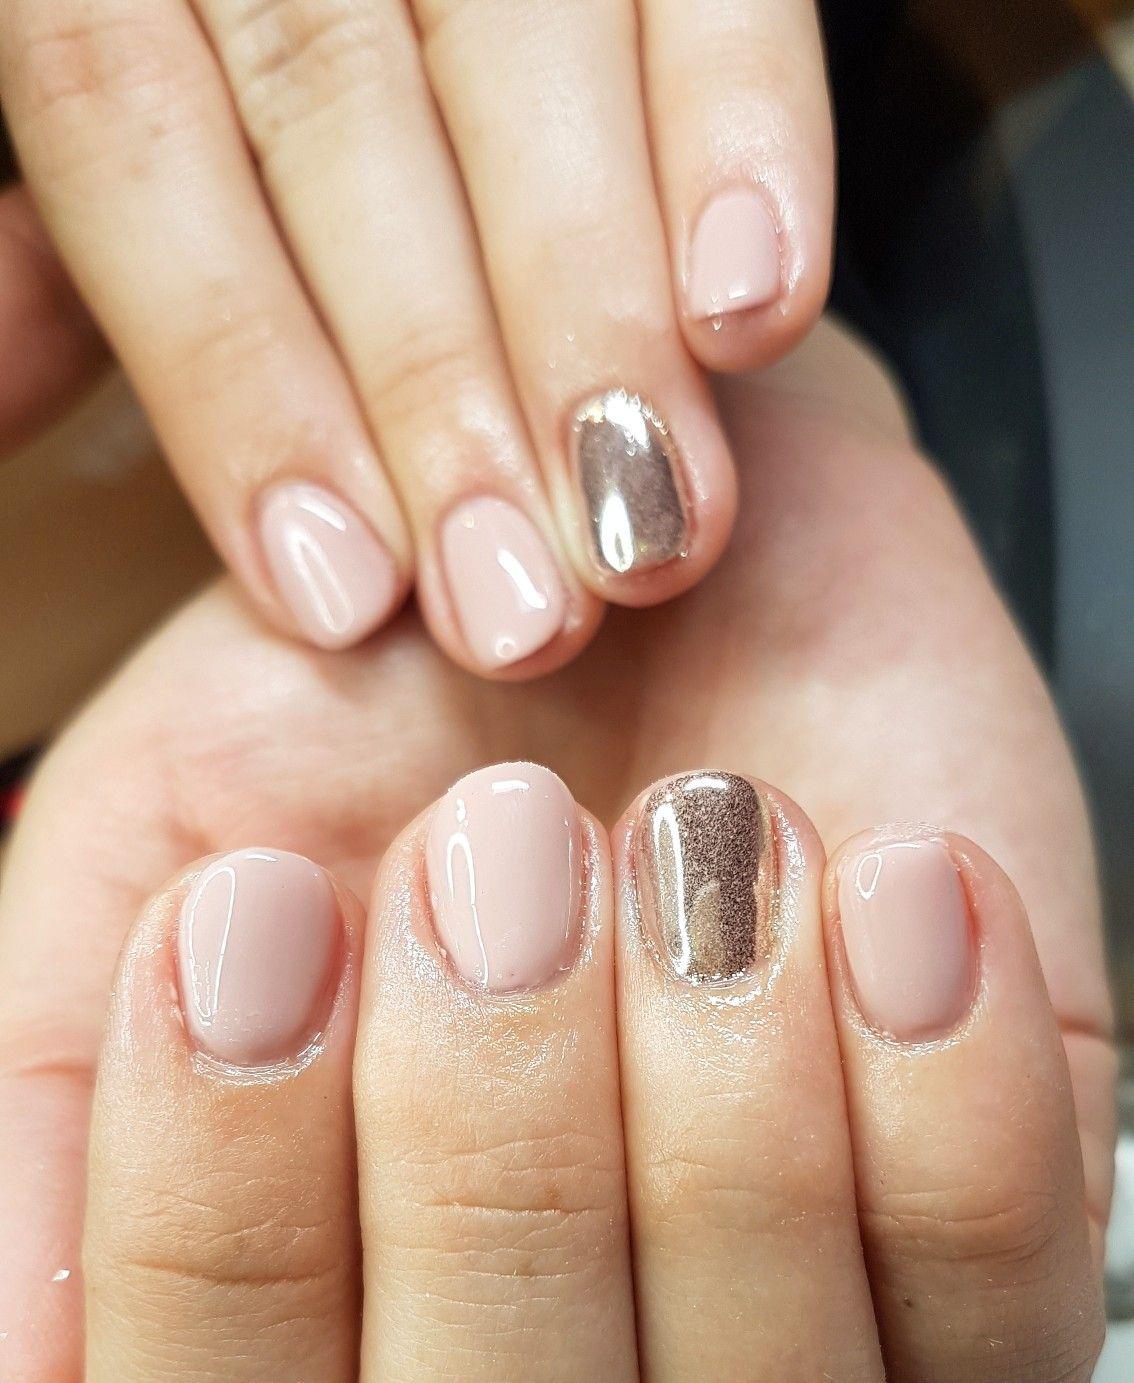 Pin de BGLM en Nails | Pinterest | Diseños de uñas, Decoración de ...